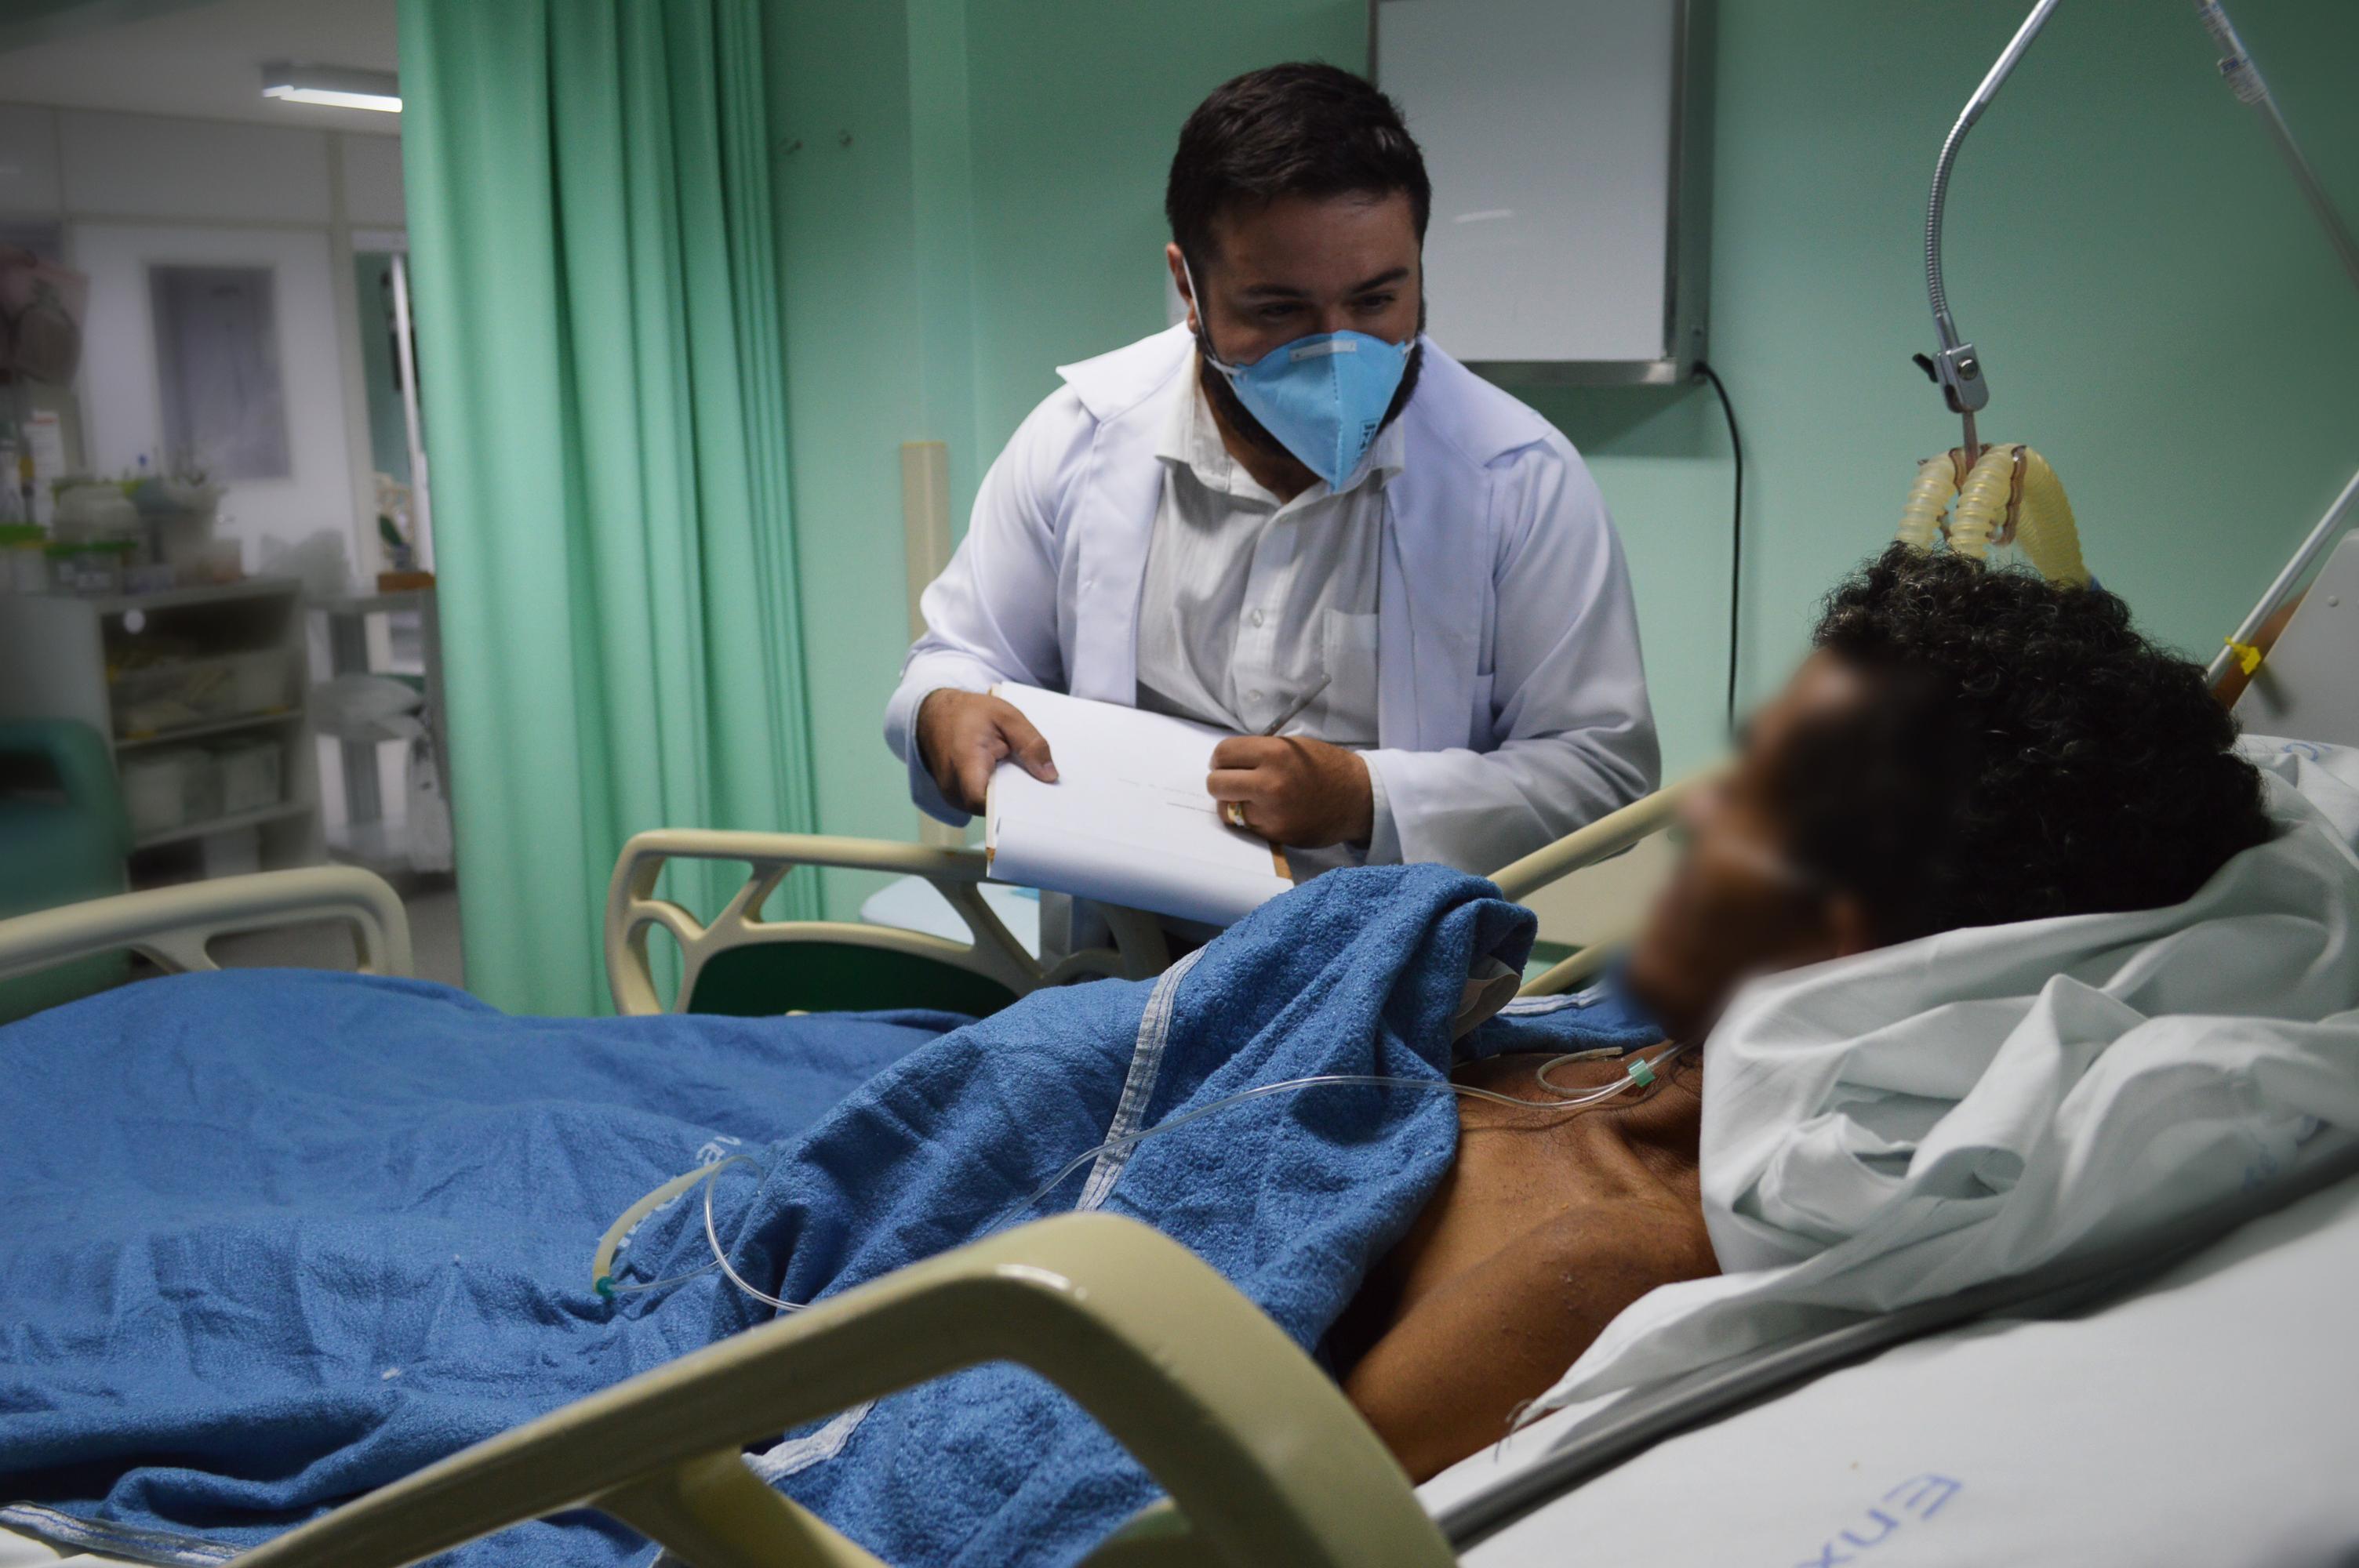 Pefoce ajuda a identificar e localizar famílias de pacientes que deram entrada como desconhecidos nos hospitais de Fortaleza